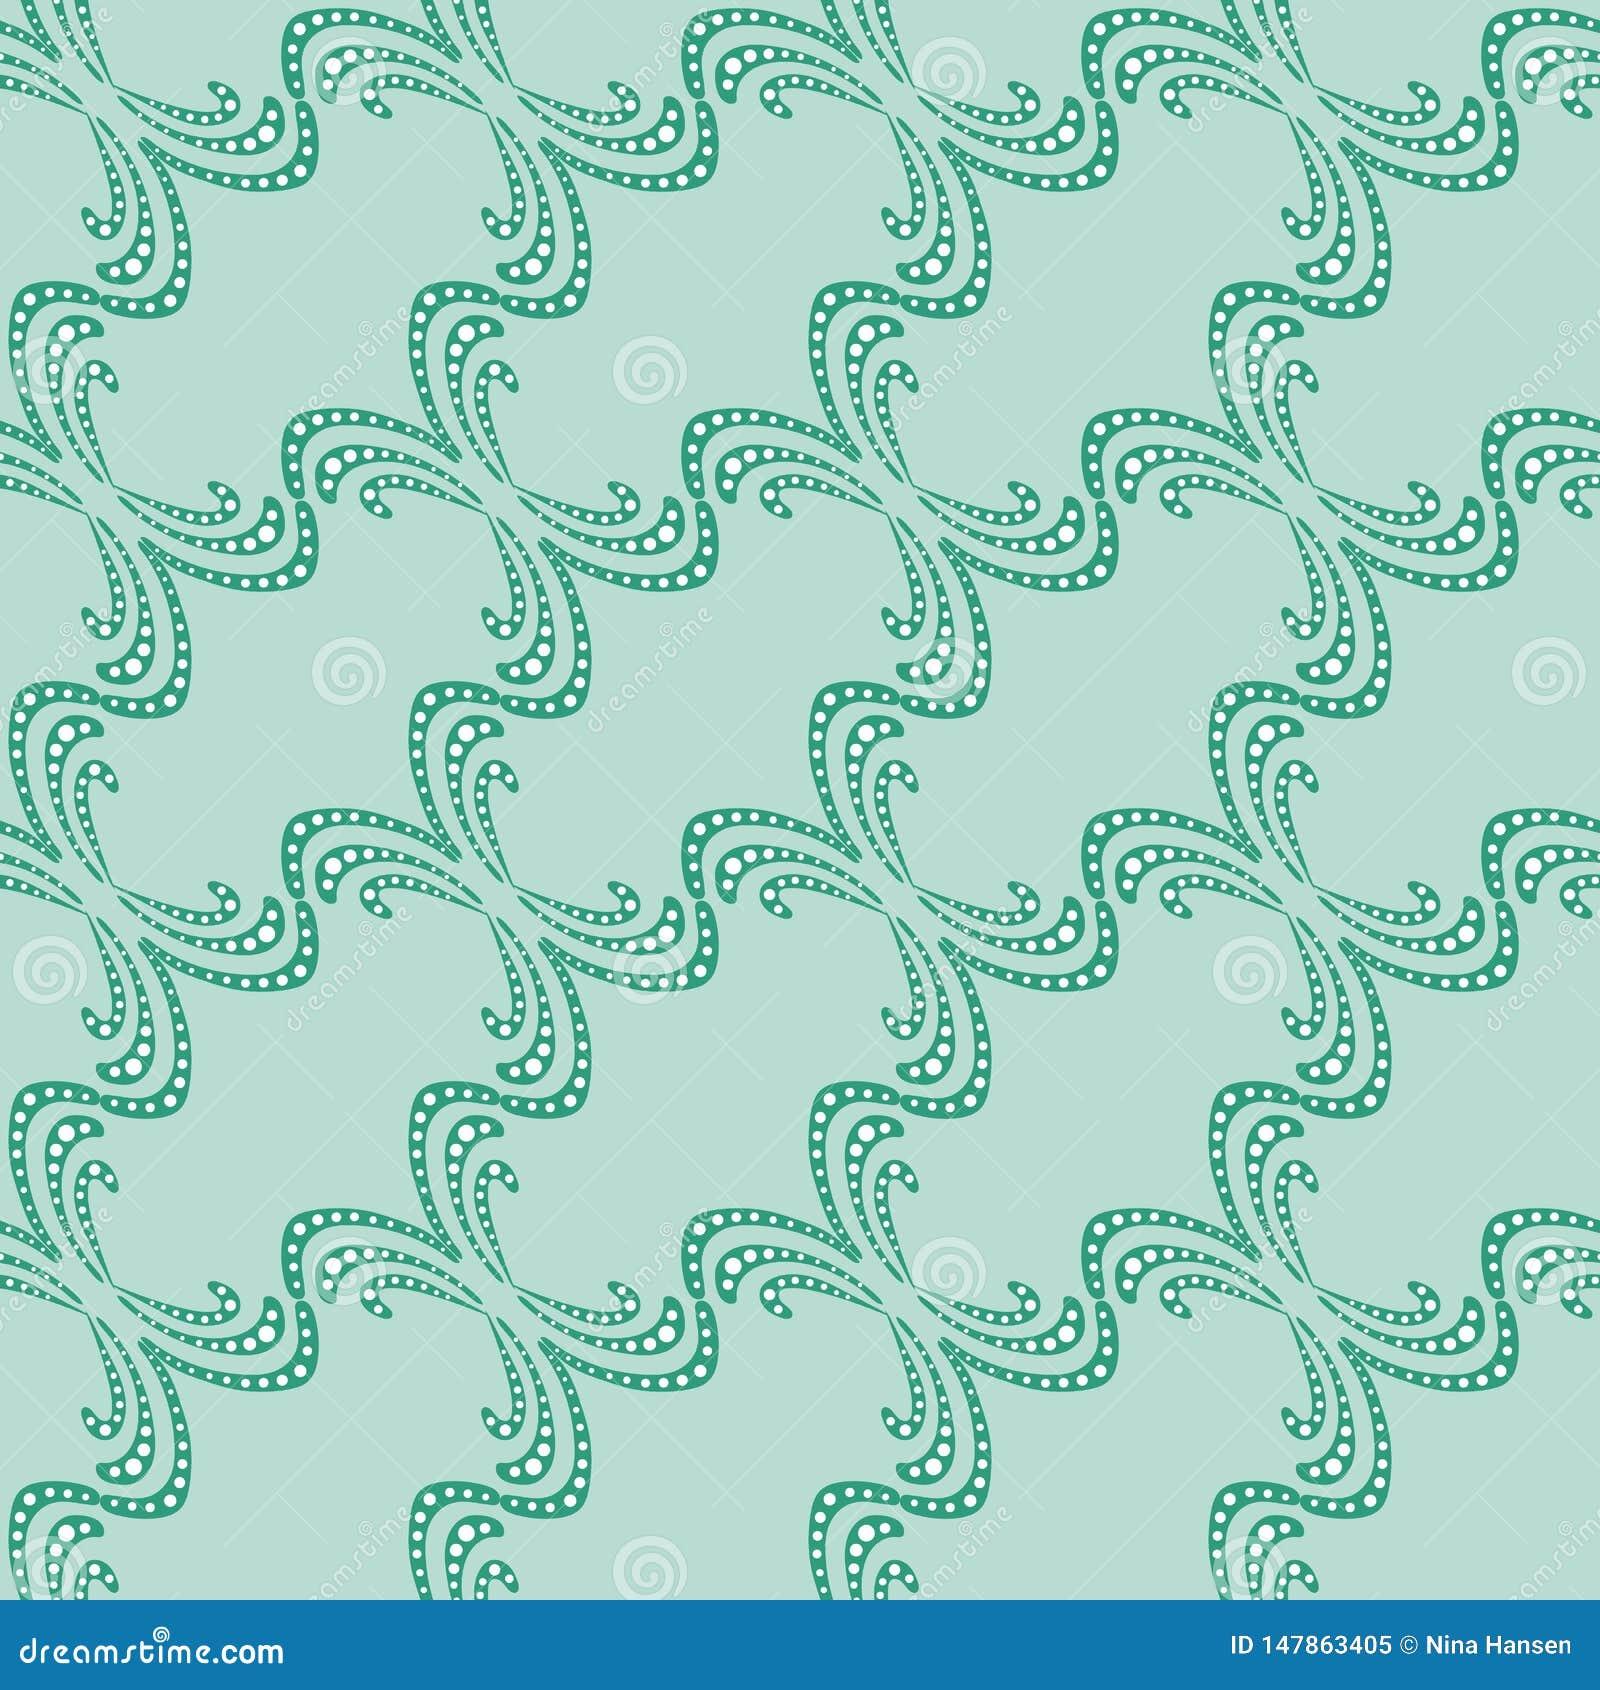 Modello senza cuciture delle linee decorative verdi su un fondo della menta